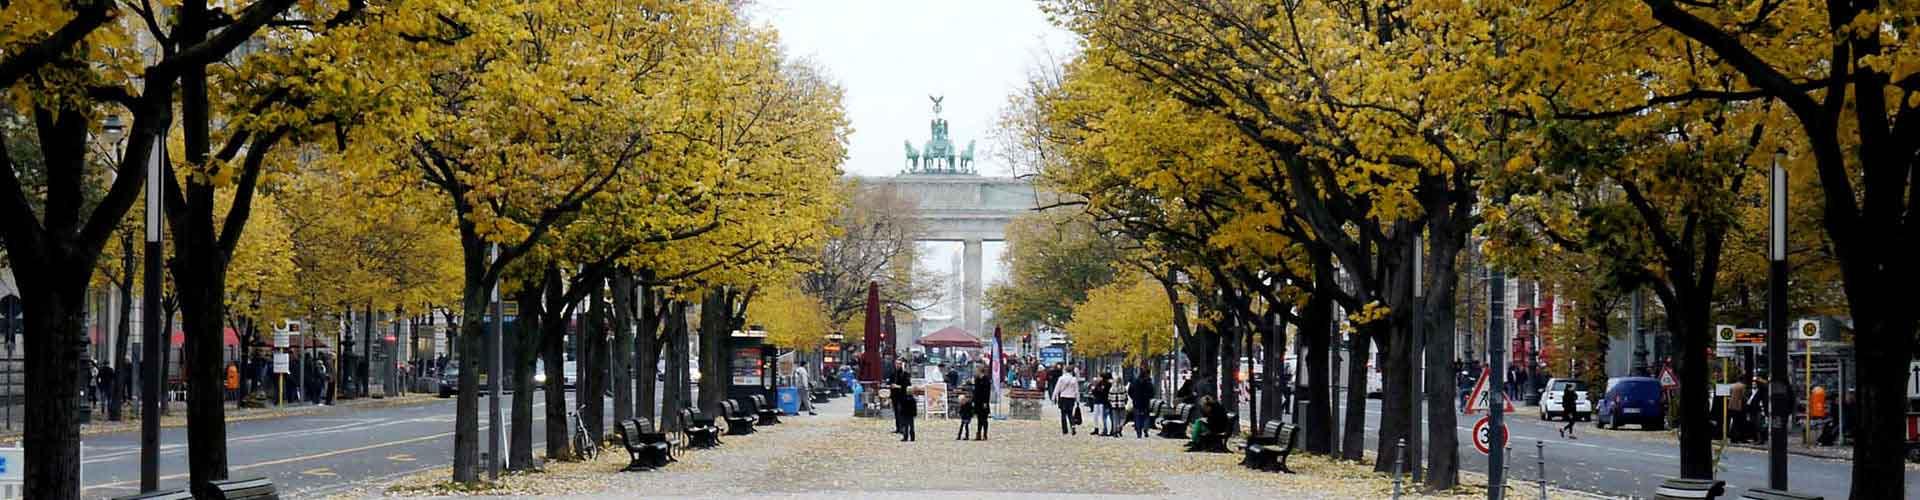 Berlín - Albergues Juveniles cerca a Unter den Linden. Mapas de Berlín, Fotos y Comentarios para cada Albergue Juvenil en Berlín.